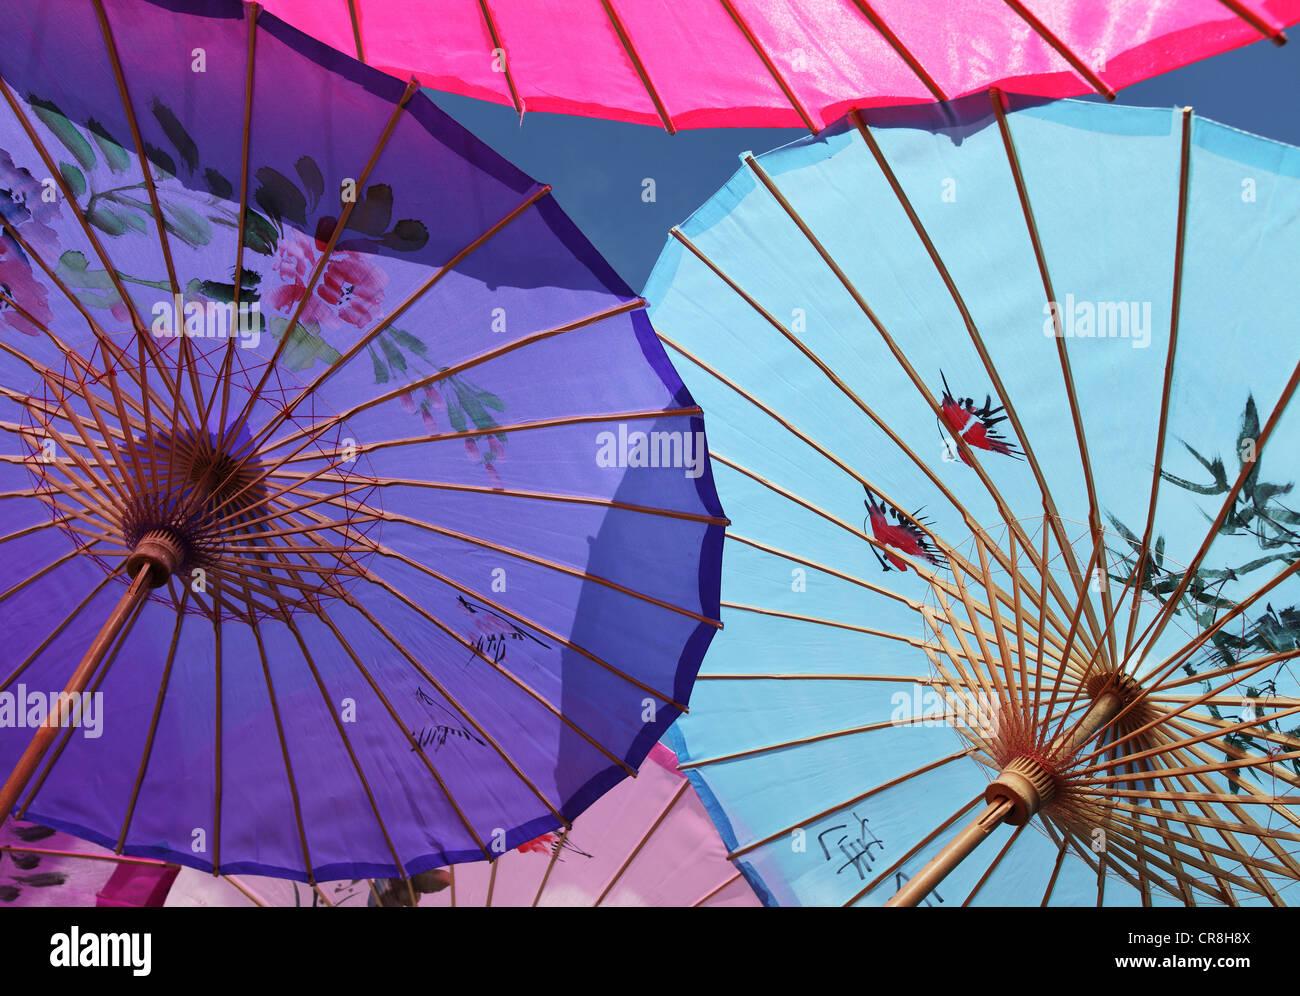 Du Parasol chinois Banque D'Images, Photo Stock: 48747018   Alamy